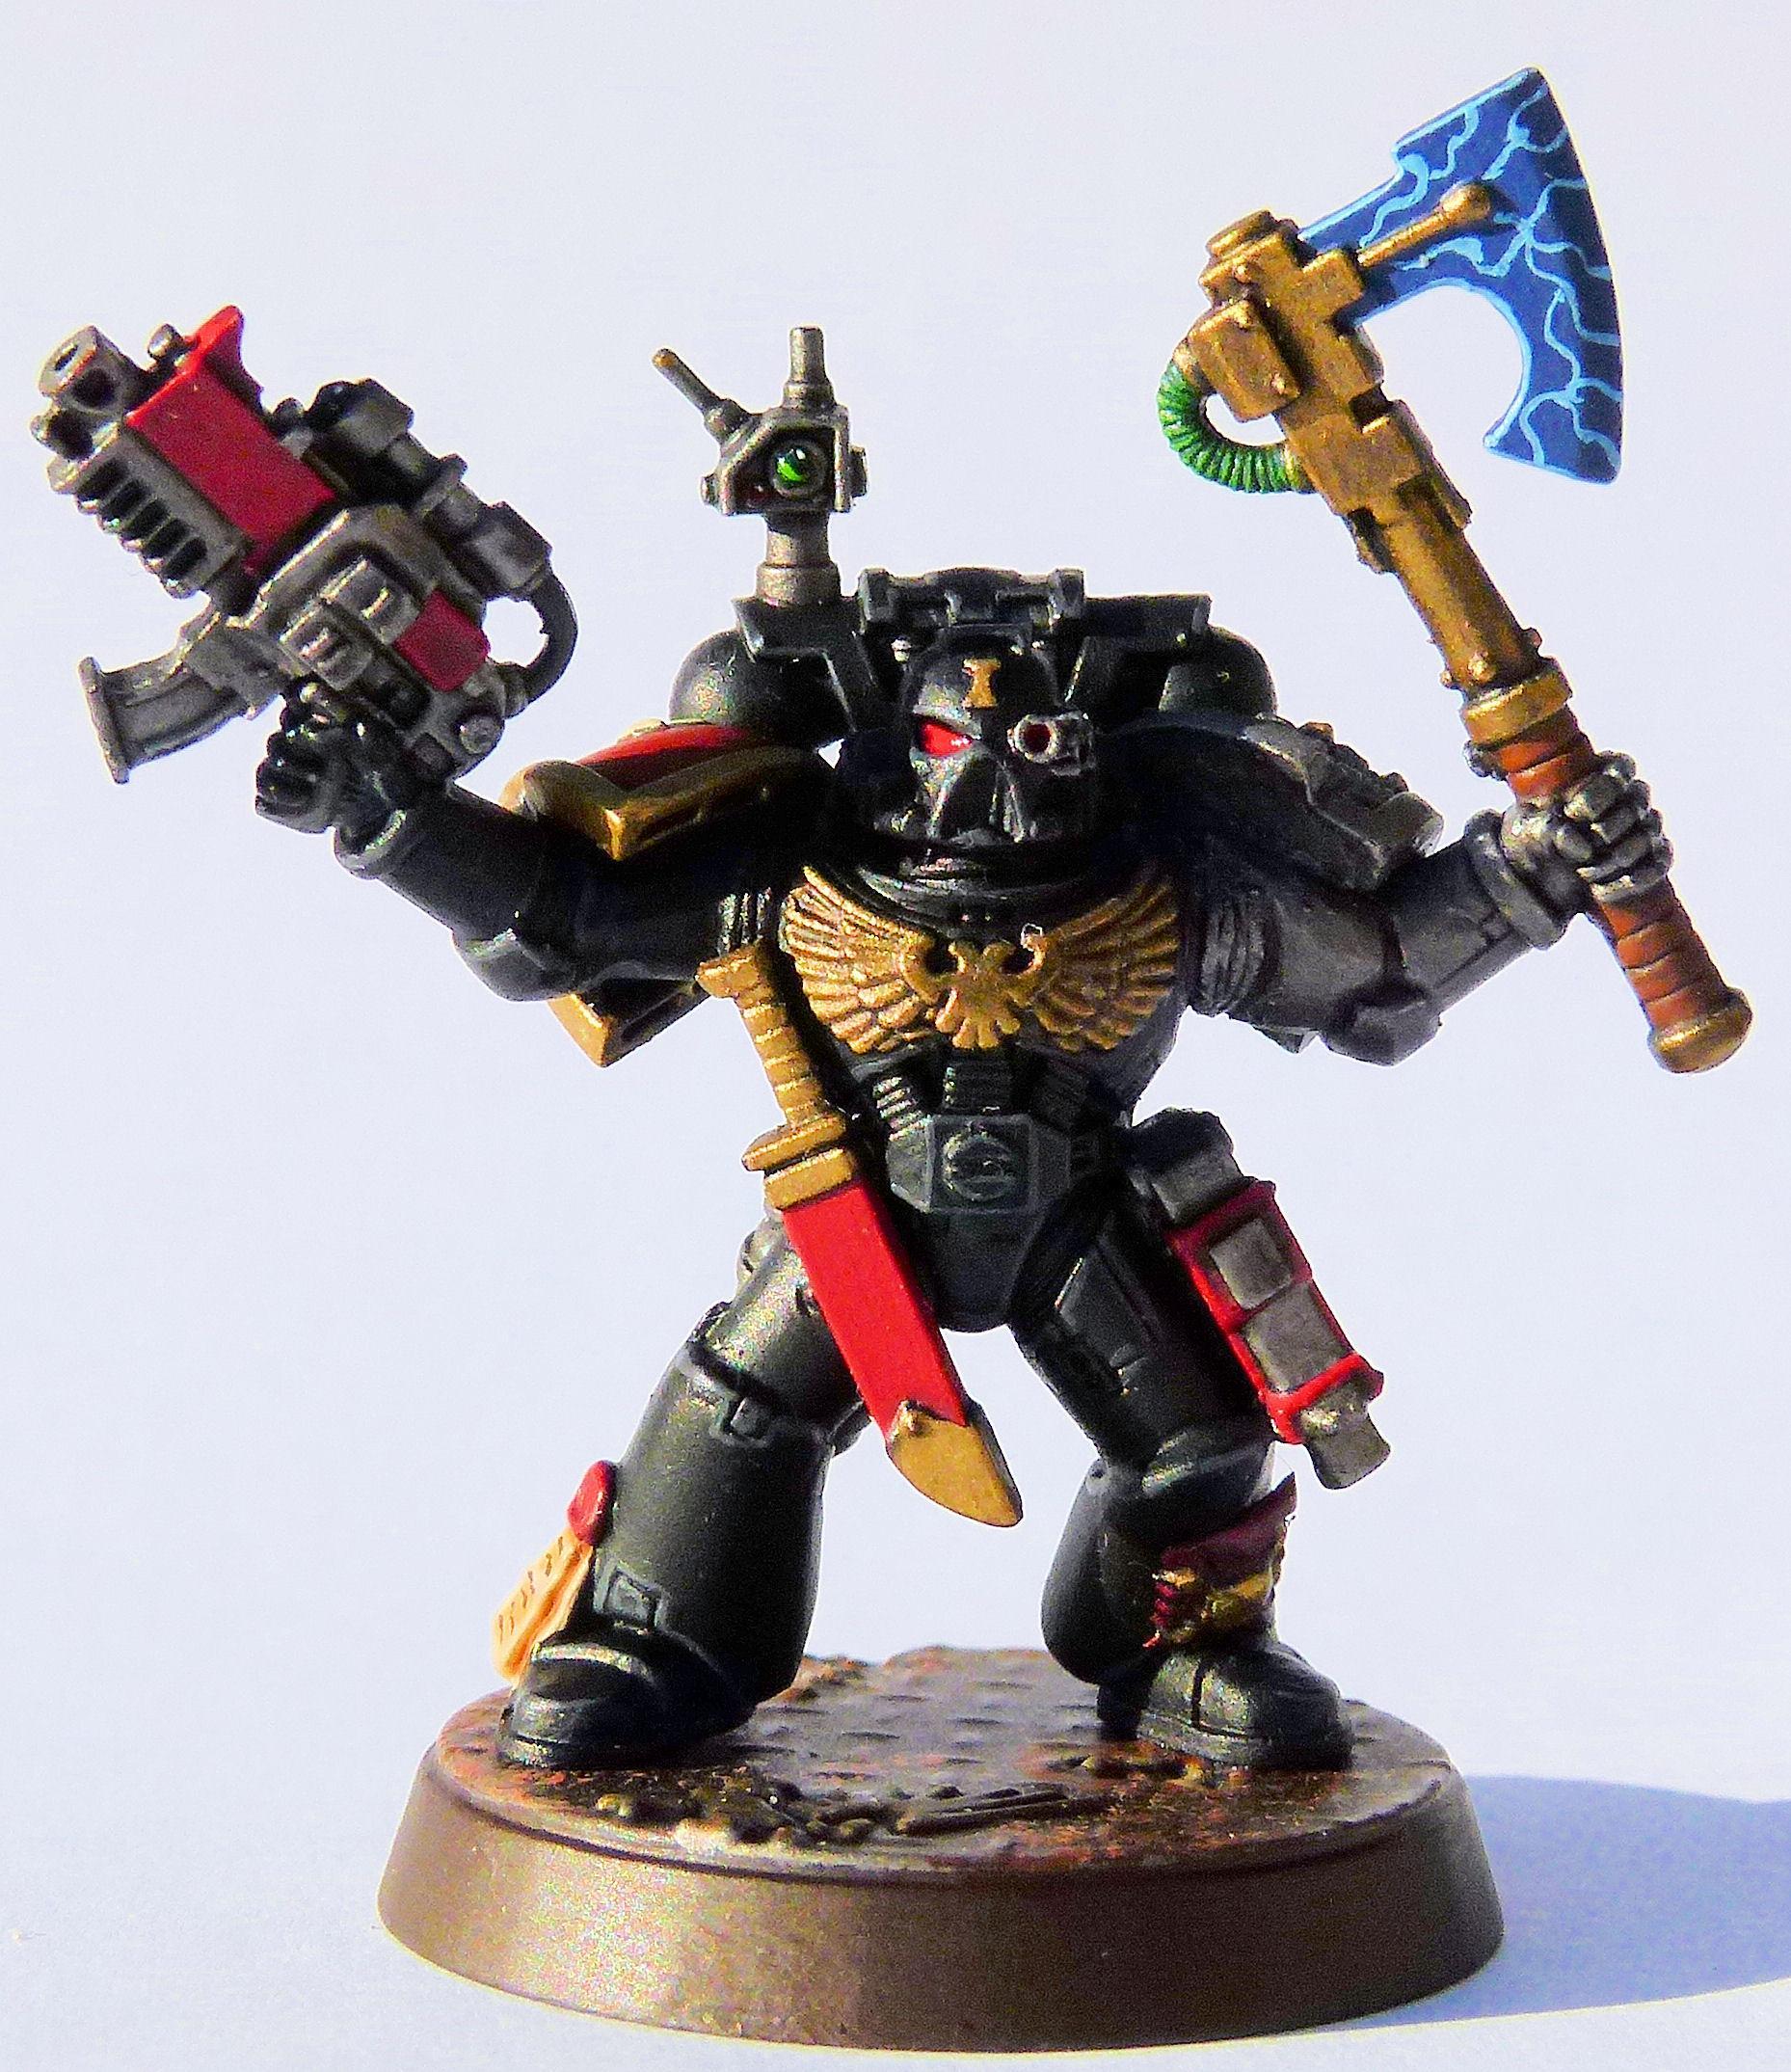 White Minotaur Deathwatch Veteran Front